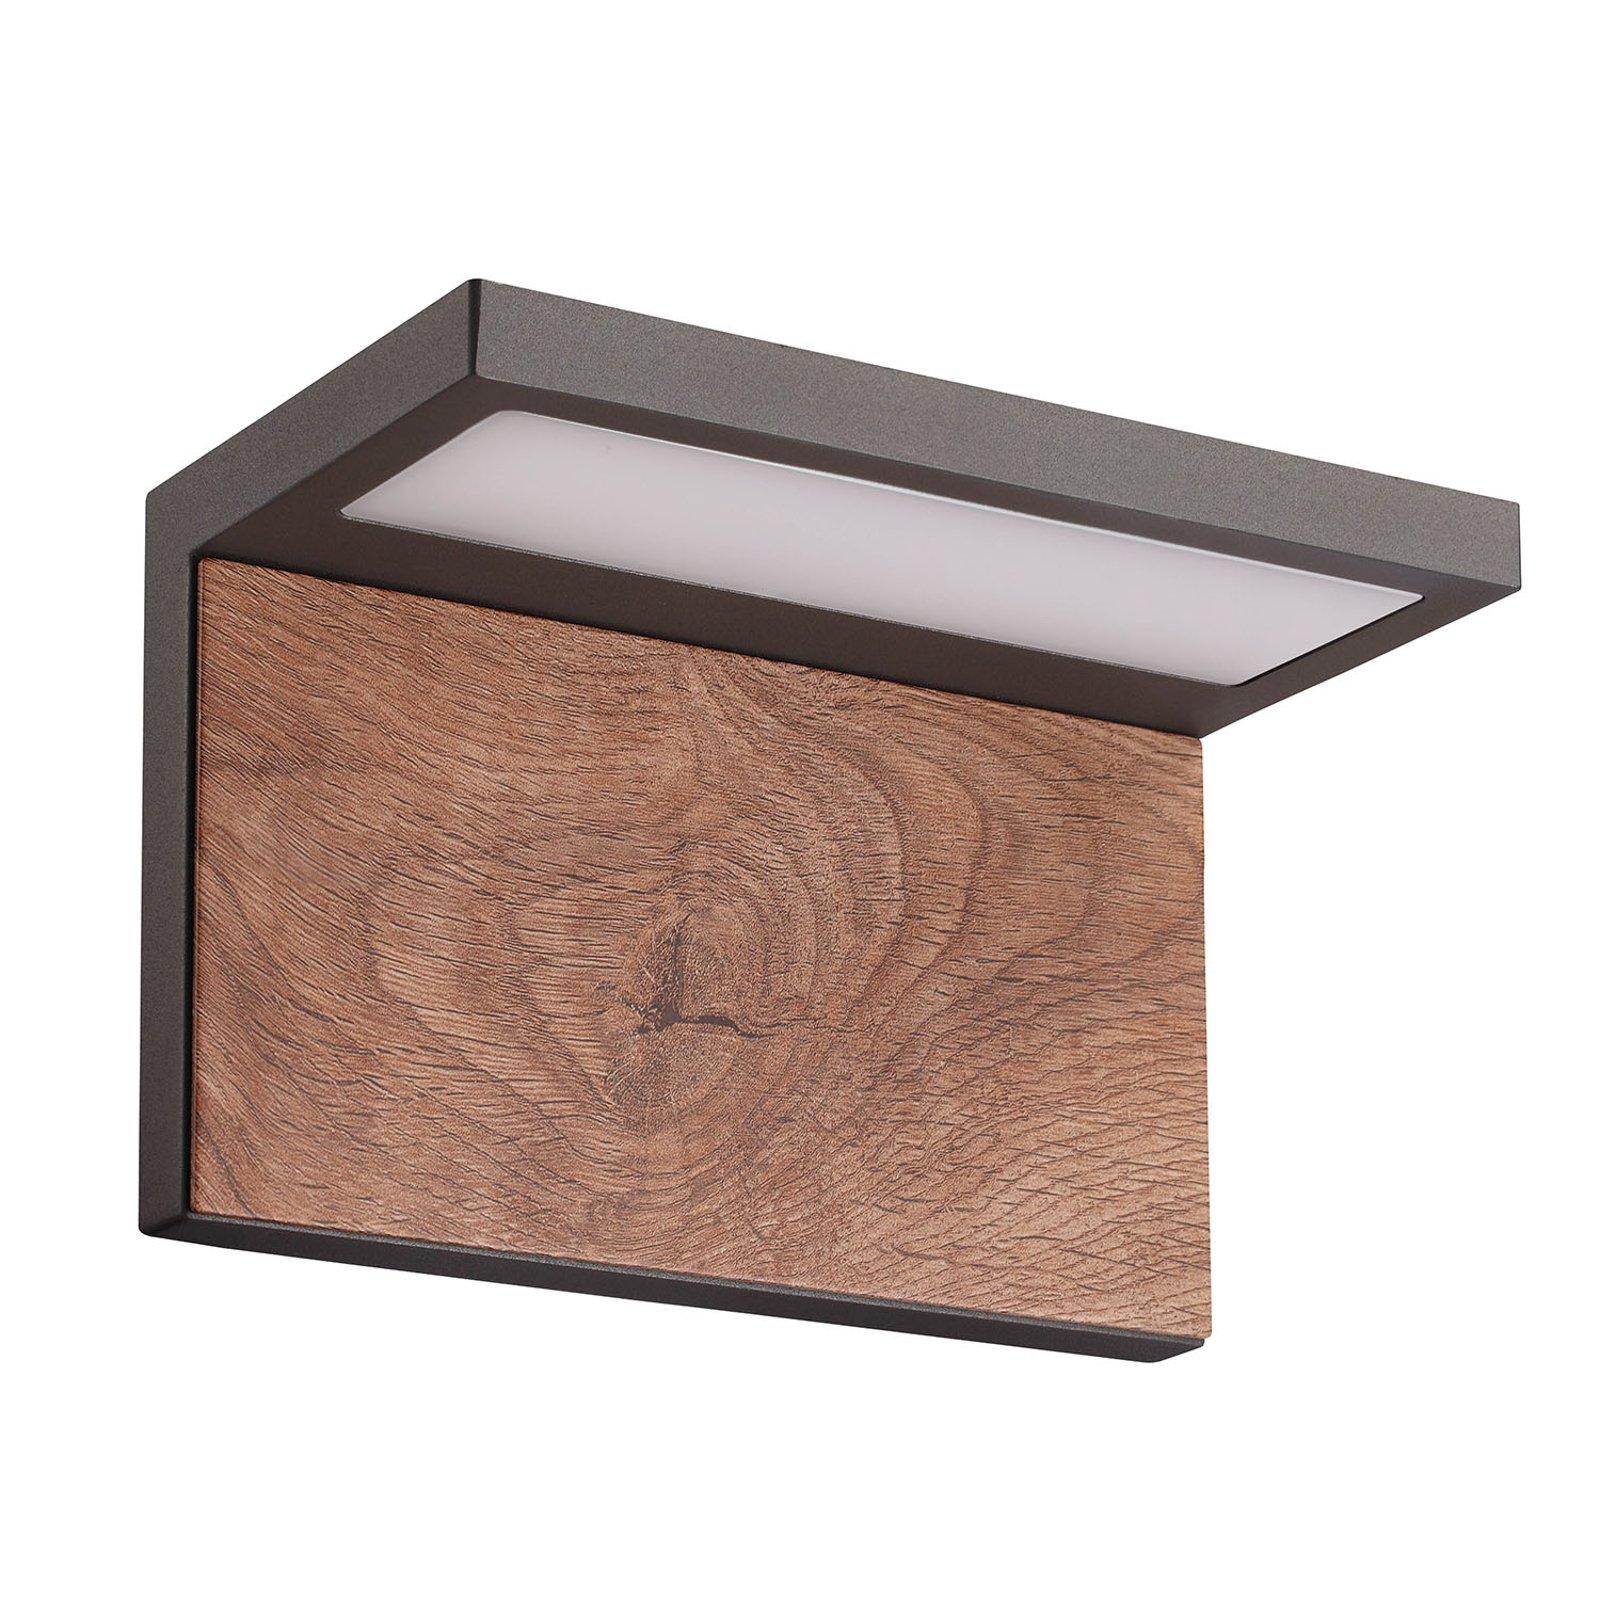 Ruka utendørs LED-vegglampe med tre-element